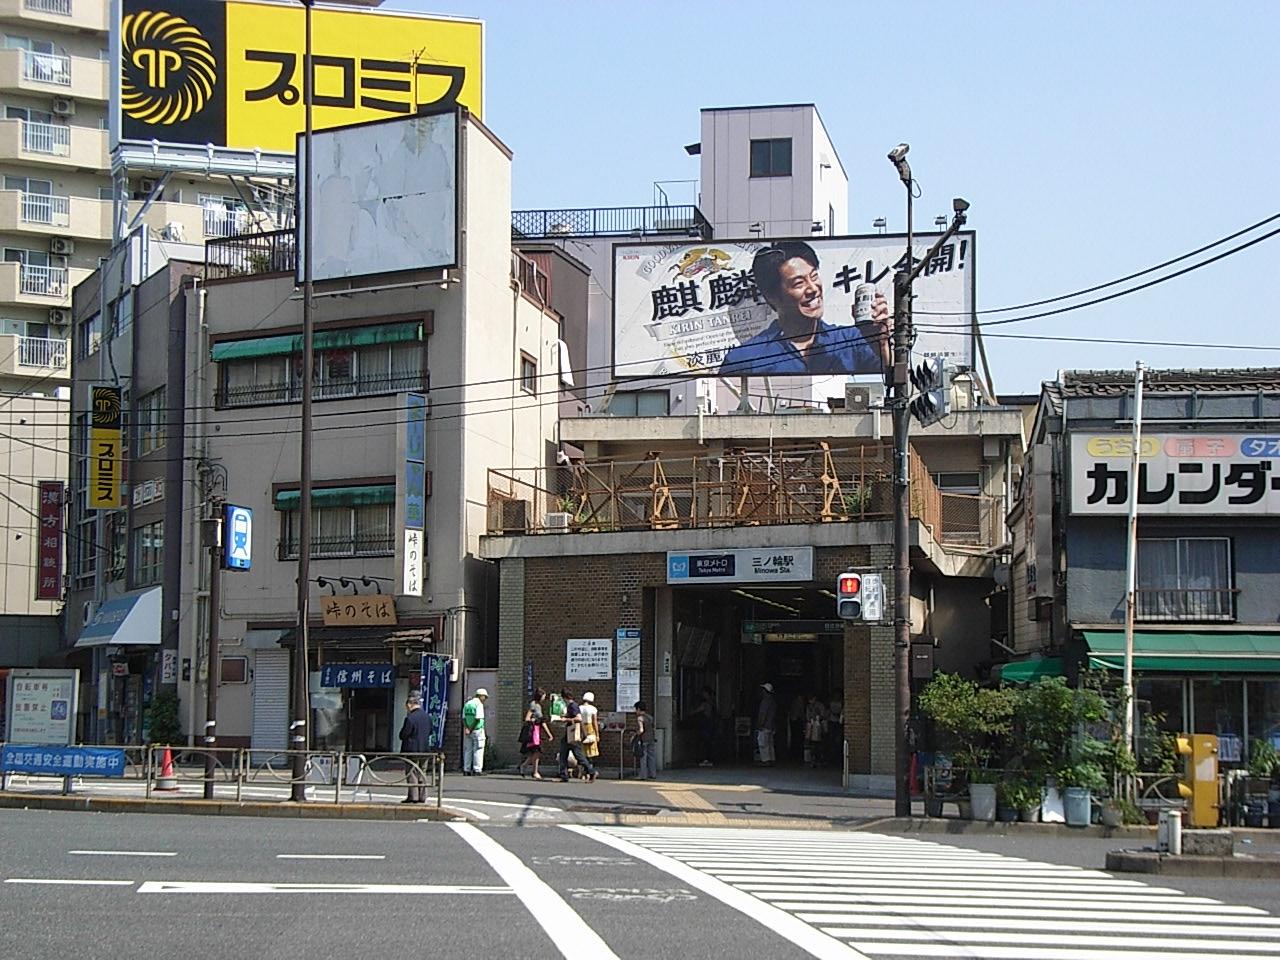 <特集番外編>三ノ輪から南千住を再発見 〜 「だっちゃん市」のついでにぶらり歩き。